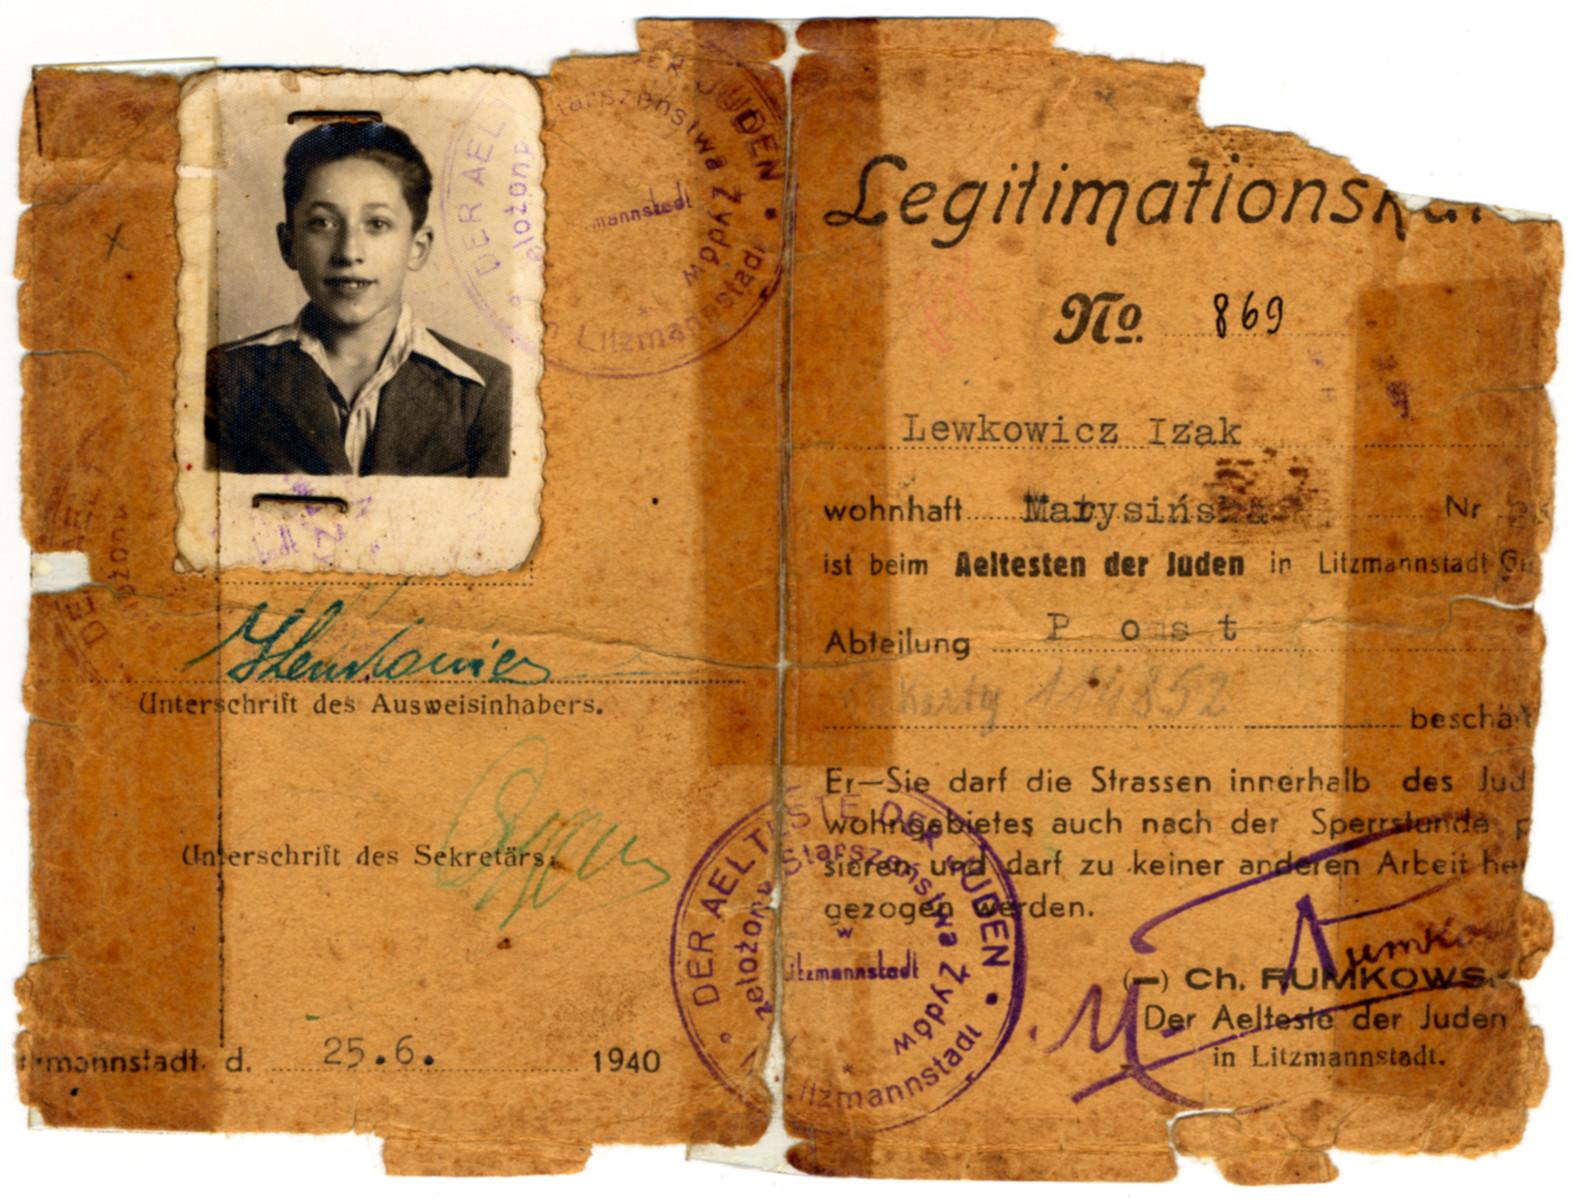 Identification card of Izak Lewkowicz.